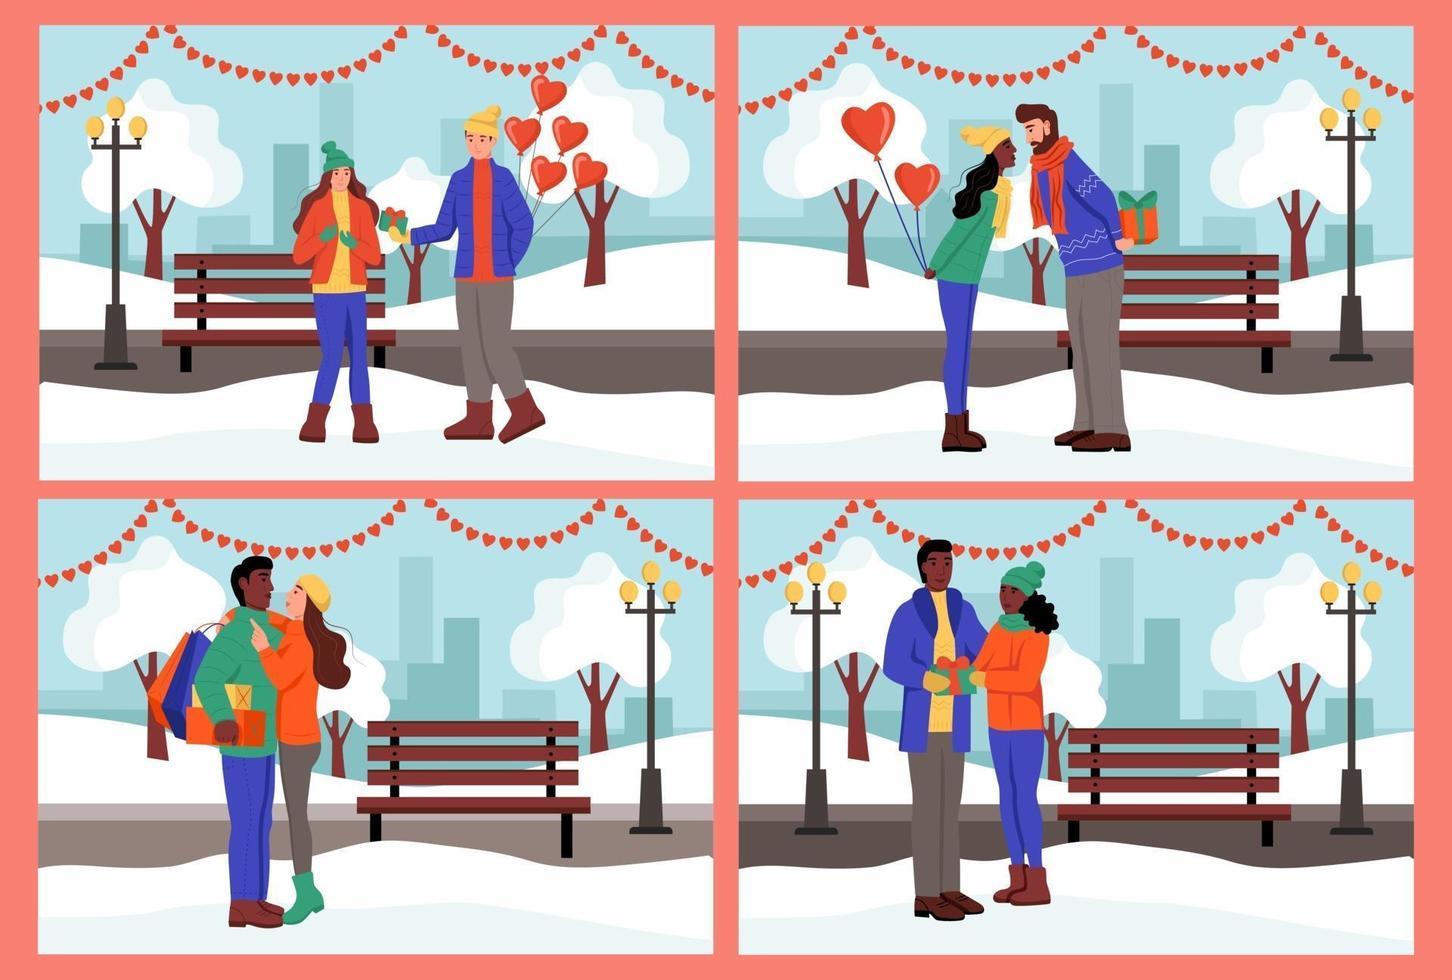 ensemble. couple échange des cadeaux et s'embrasse dans un parc d'hiver. un jeune homme et une femme célèbrent la Saint-Valentin. illustration vectorielle plane. vecteur